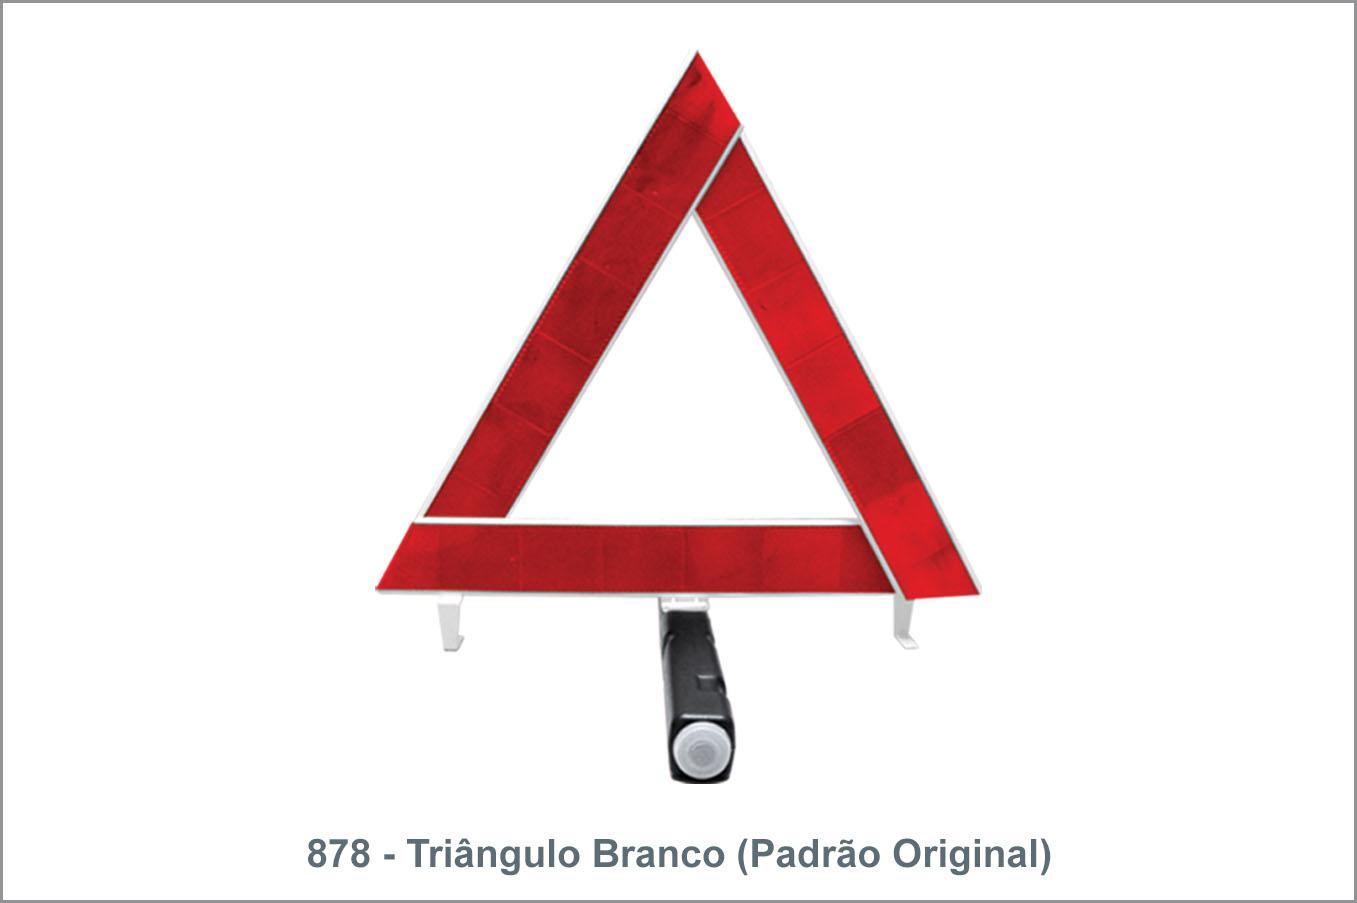 878 Triângulo Branco Padrão Original